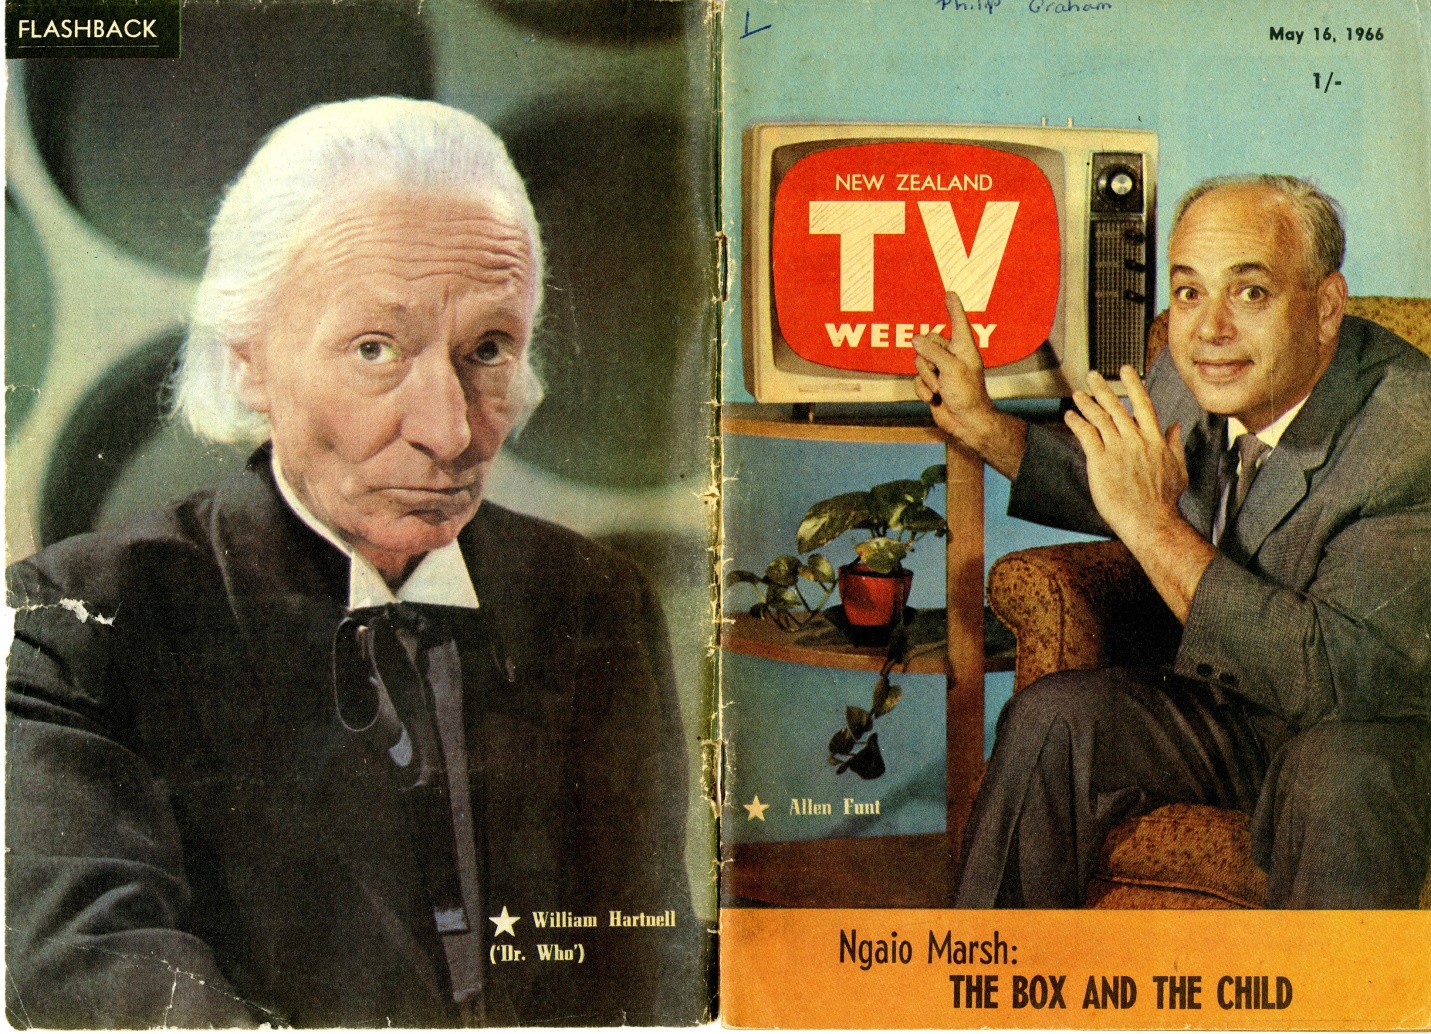 New Zealand TV Weekly, 16 May 1966